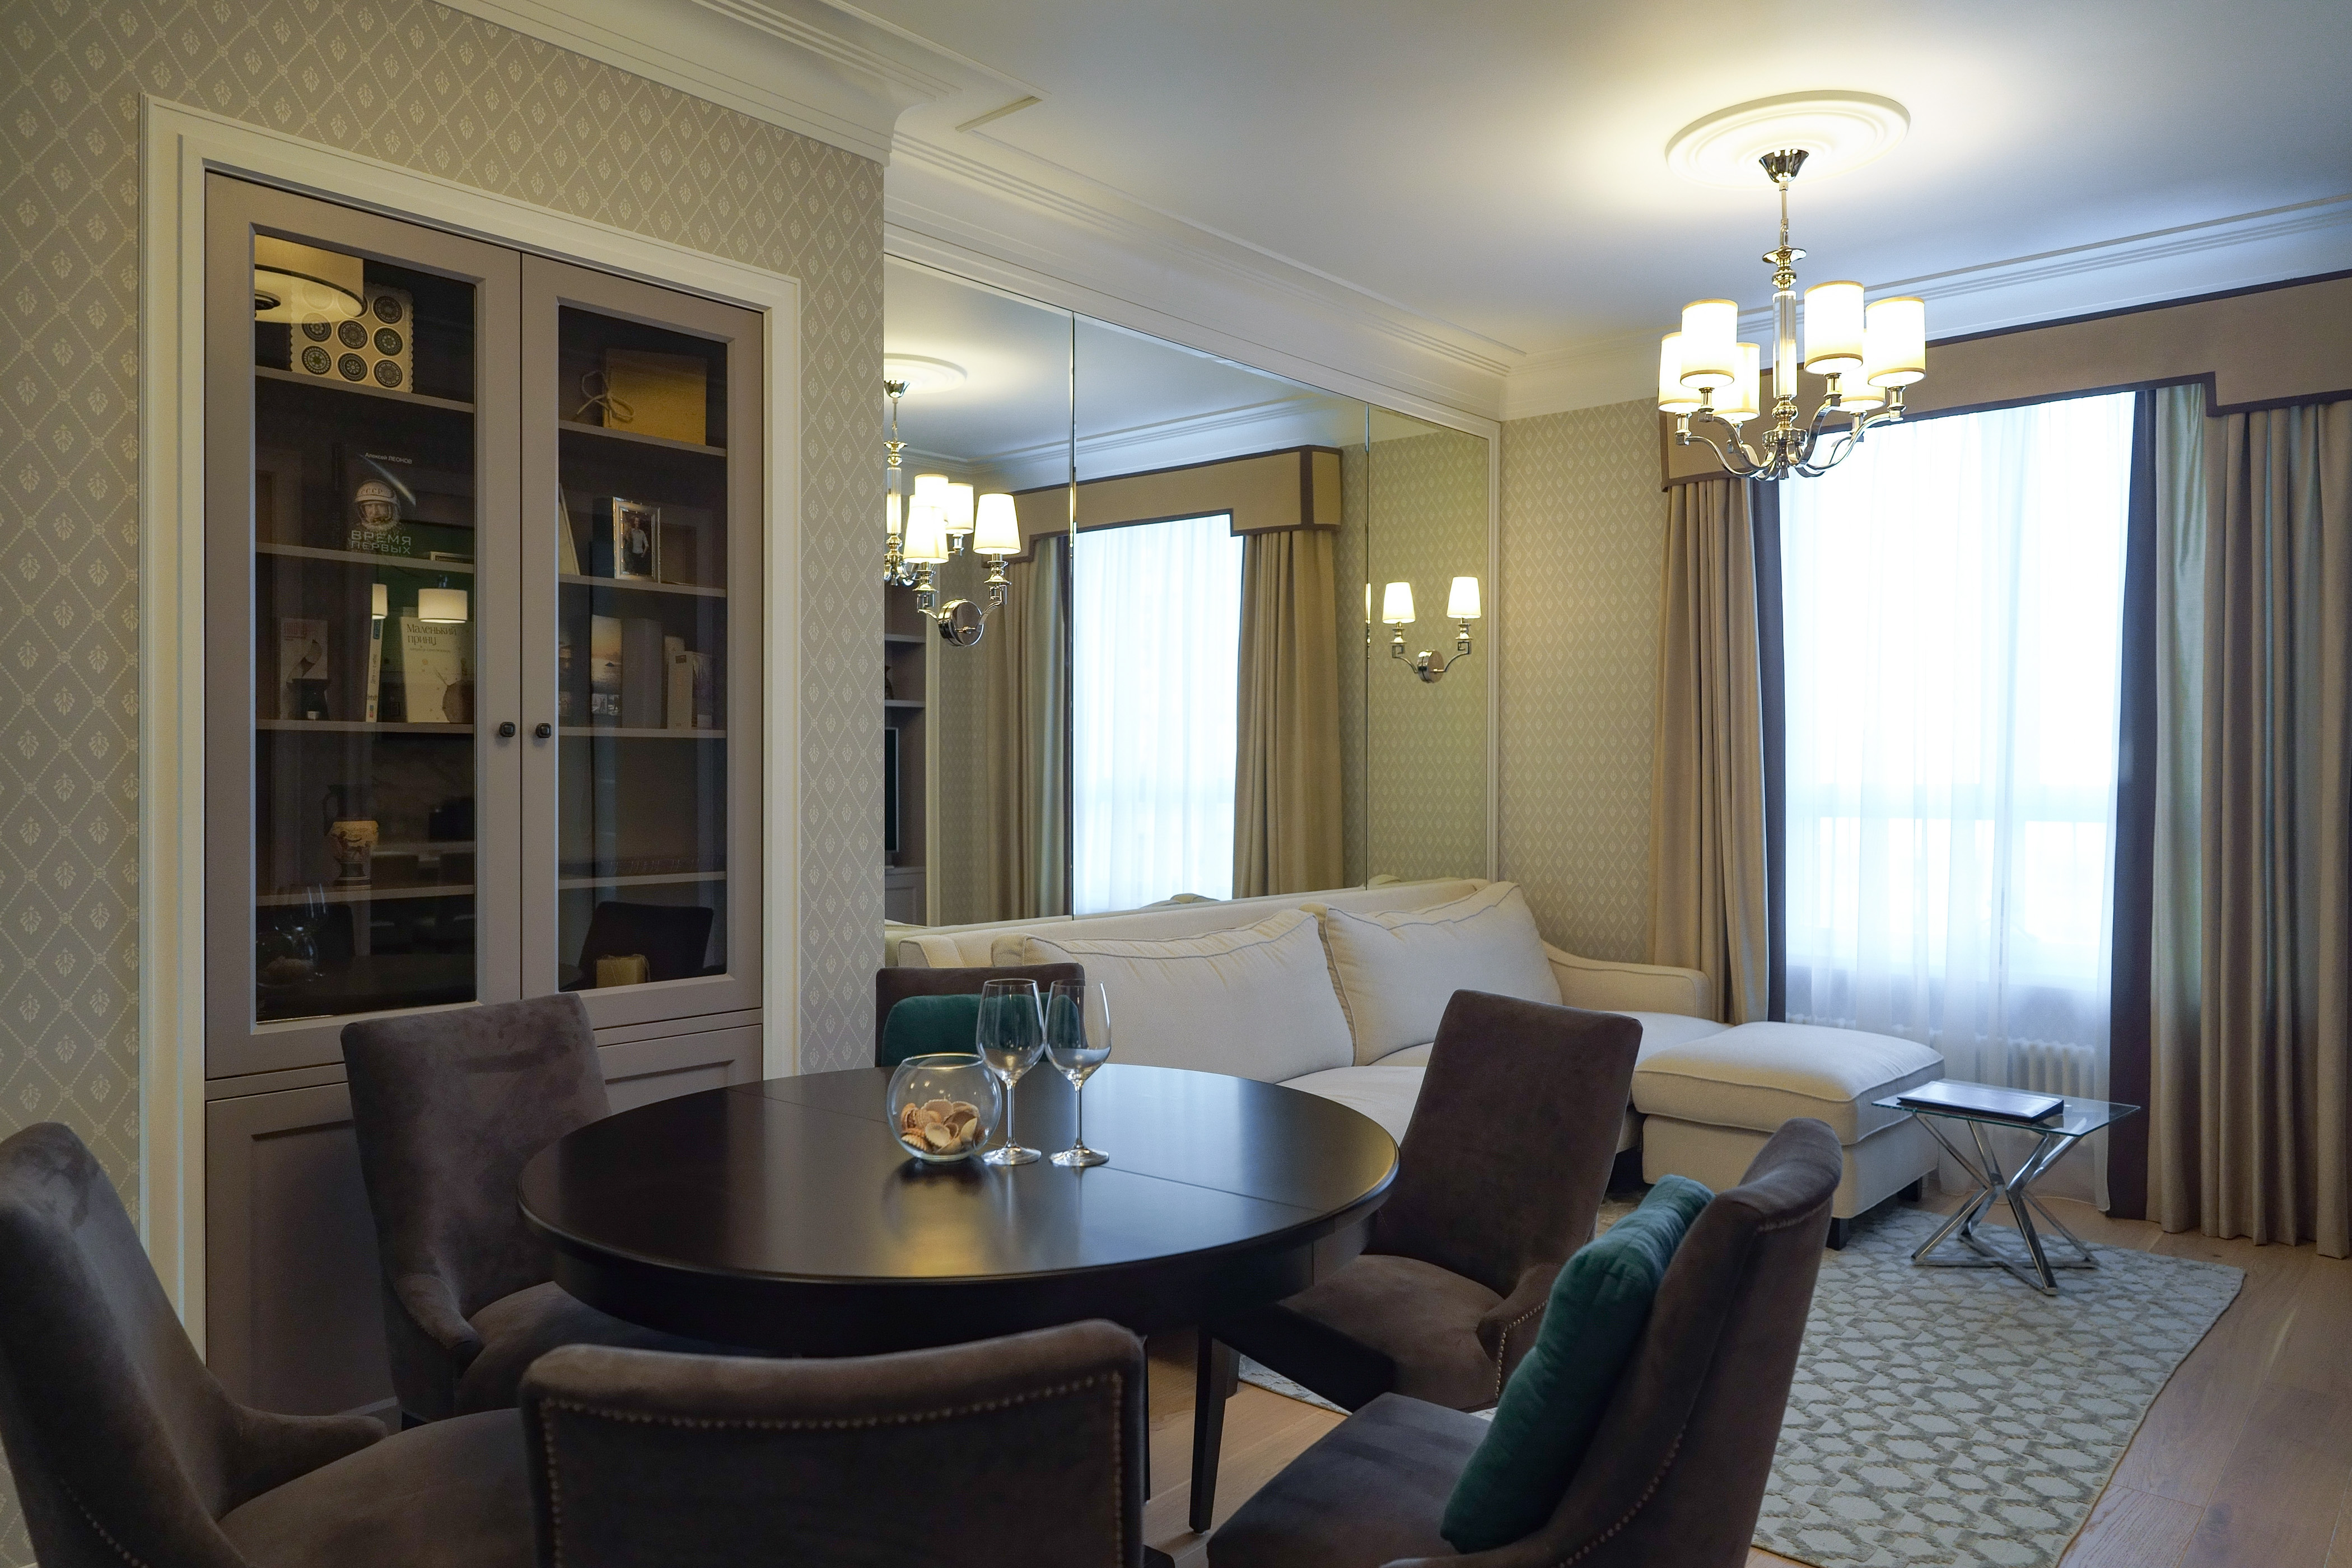 Отзыв клиента о дизайн-проекте квартиры ЖК Ботанический лайф 100м2